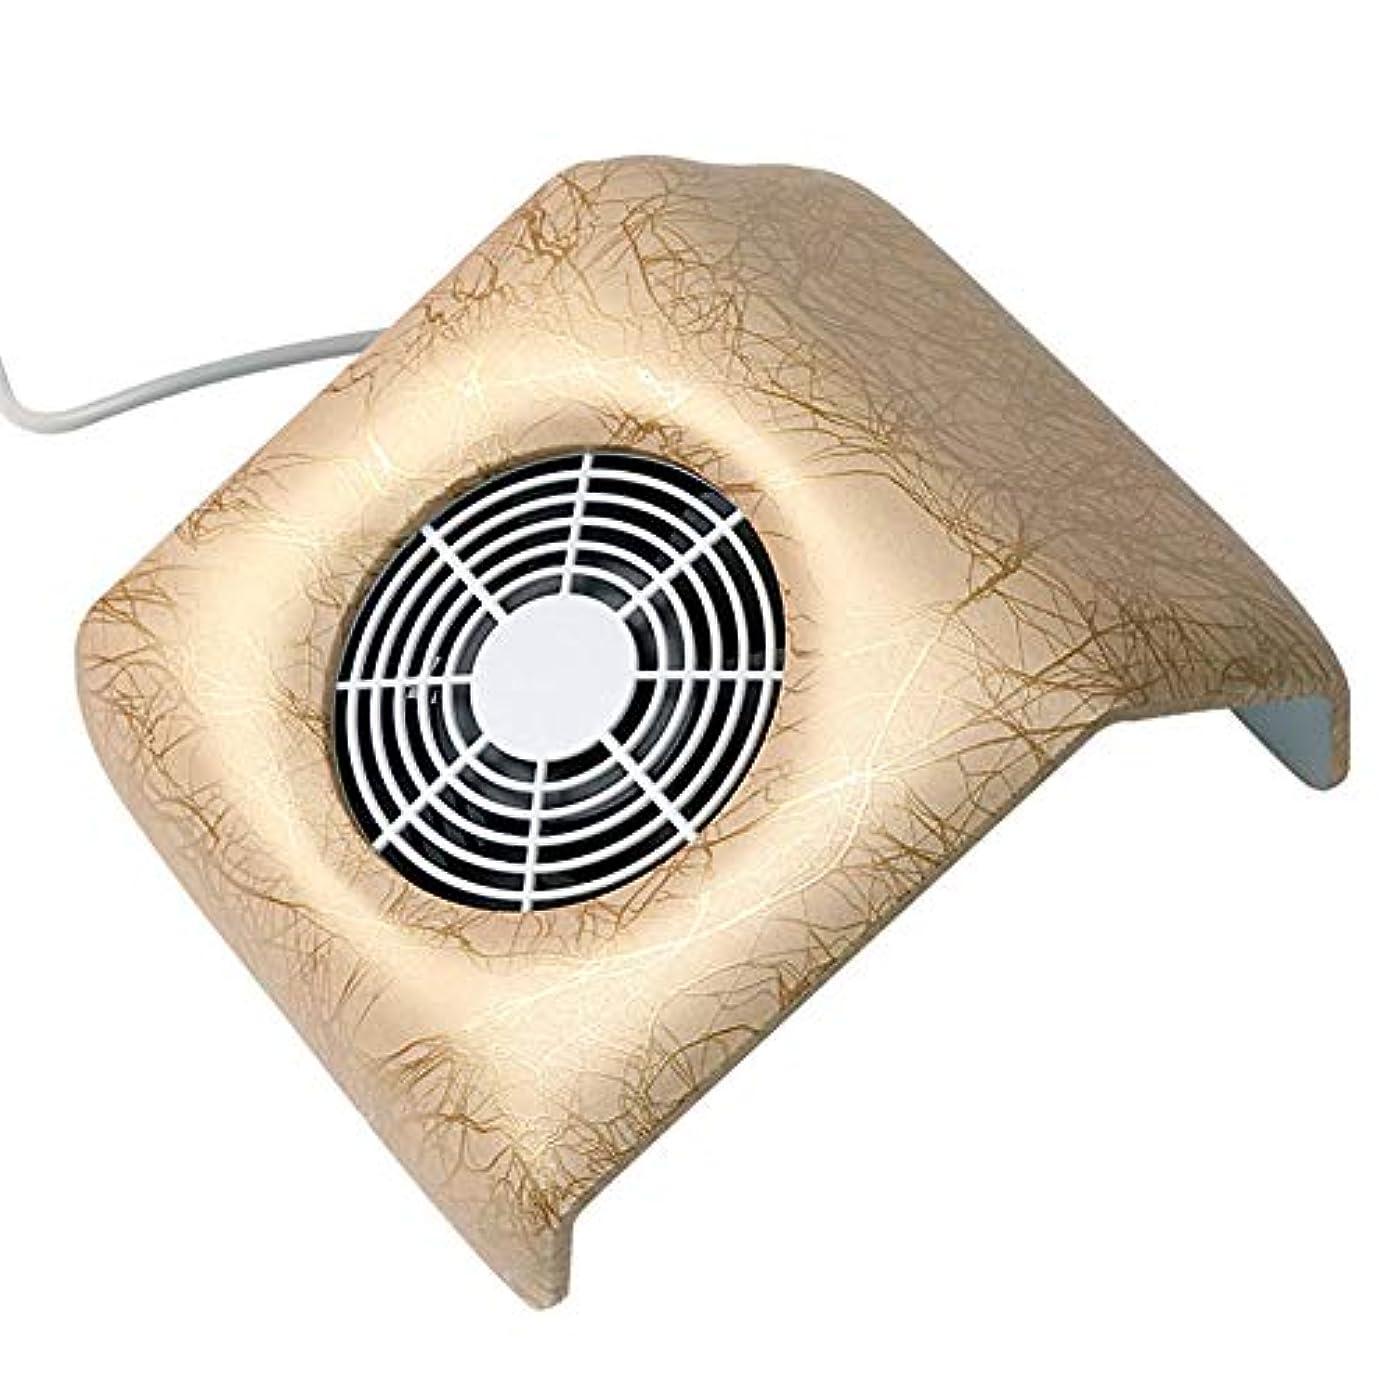 シーケンスコンテスト分布220v ネイルファンアートダストサクションコレクターマニキュアファイリングアクリル UV ゲルマシンネイル集塵機,金